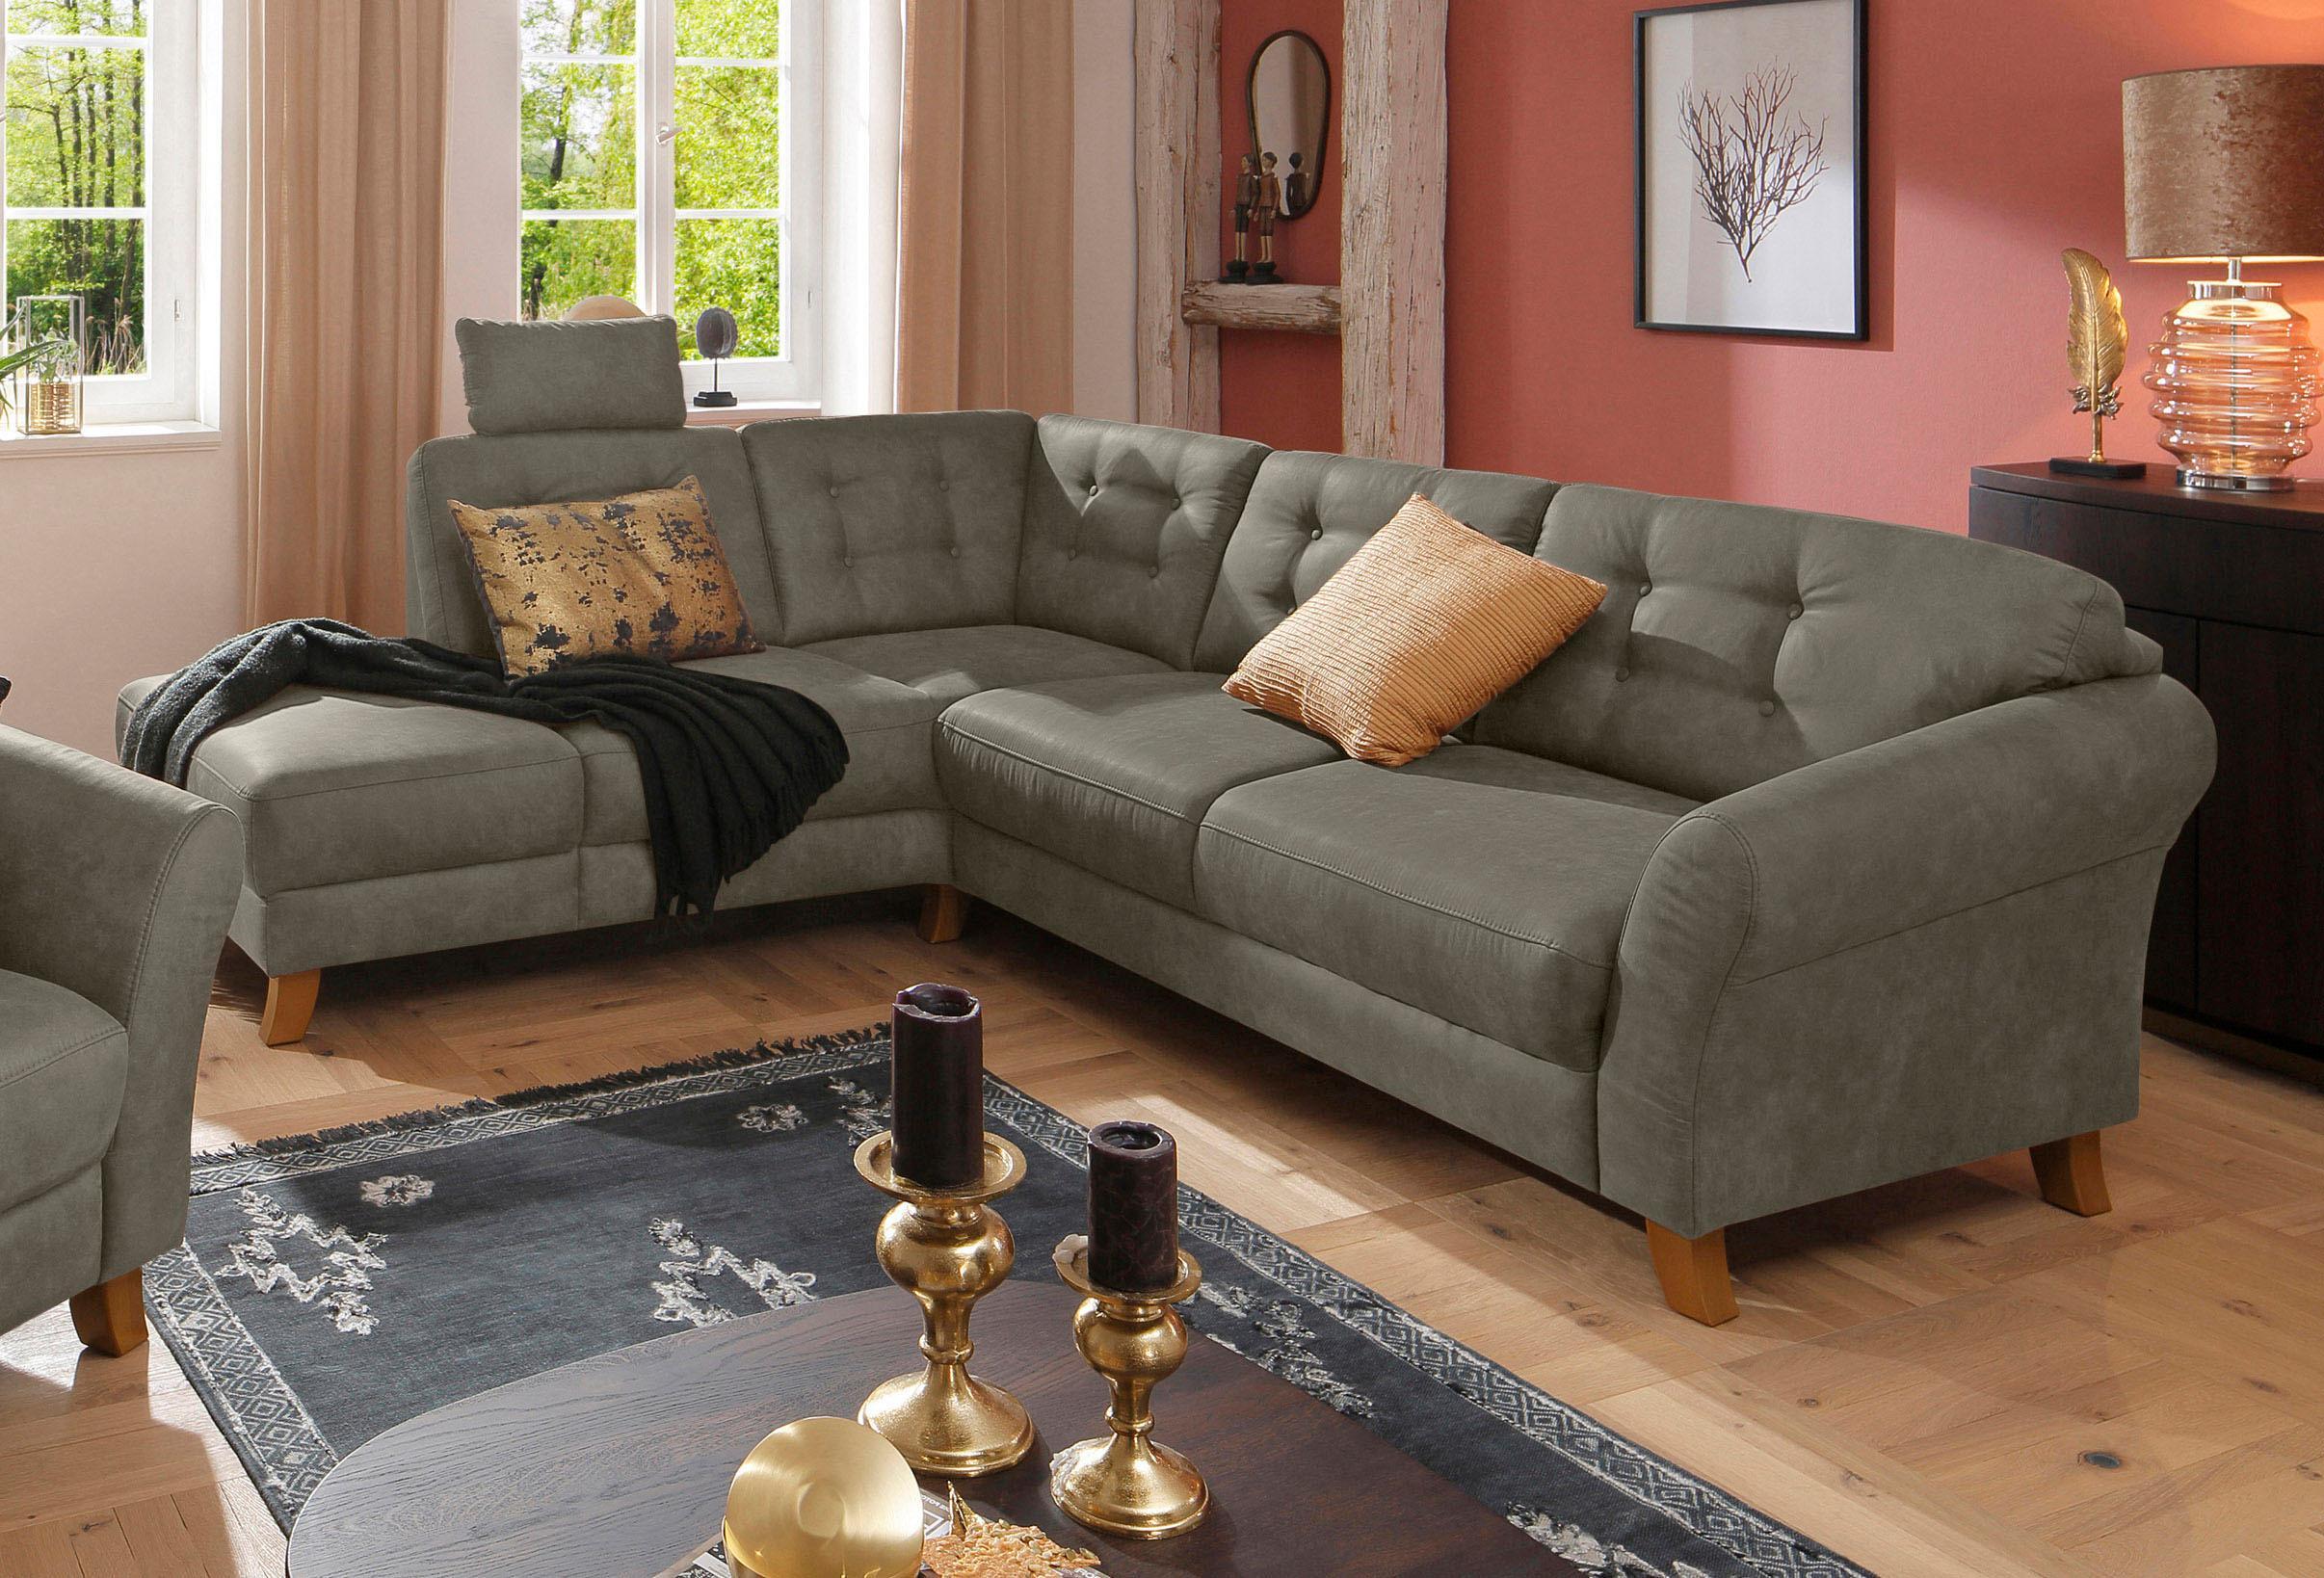 home affaire ecksofa trondheim auf rechnung kaufen baur. Black Bedroom Furniture Sets. Home Design Ideas